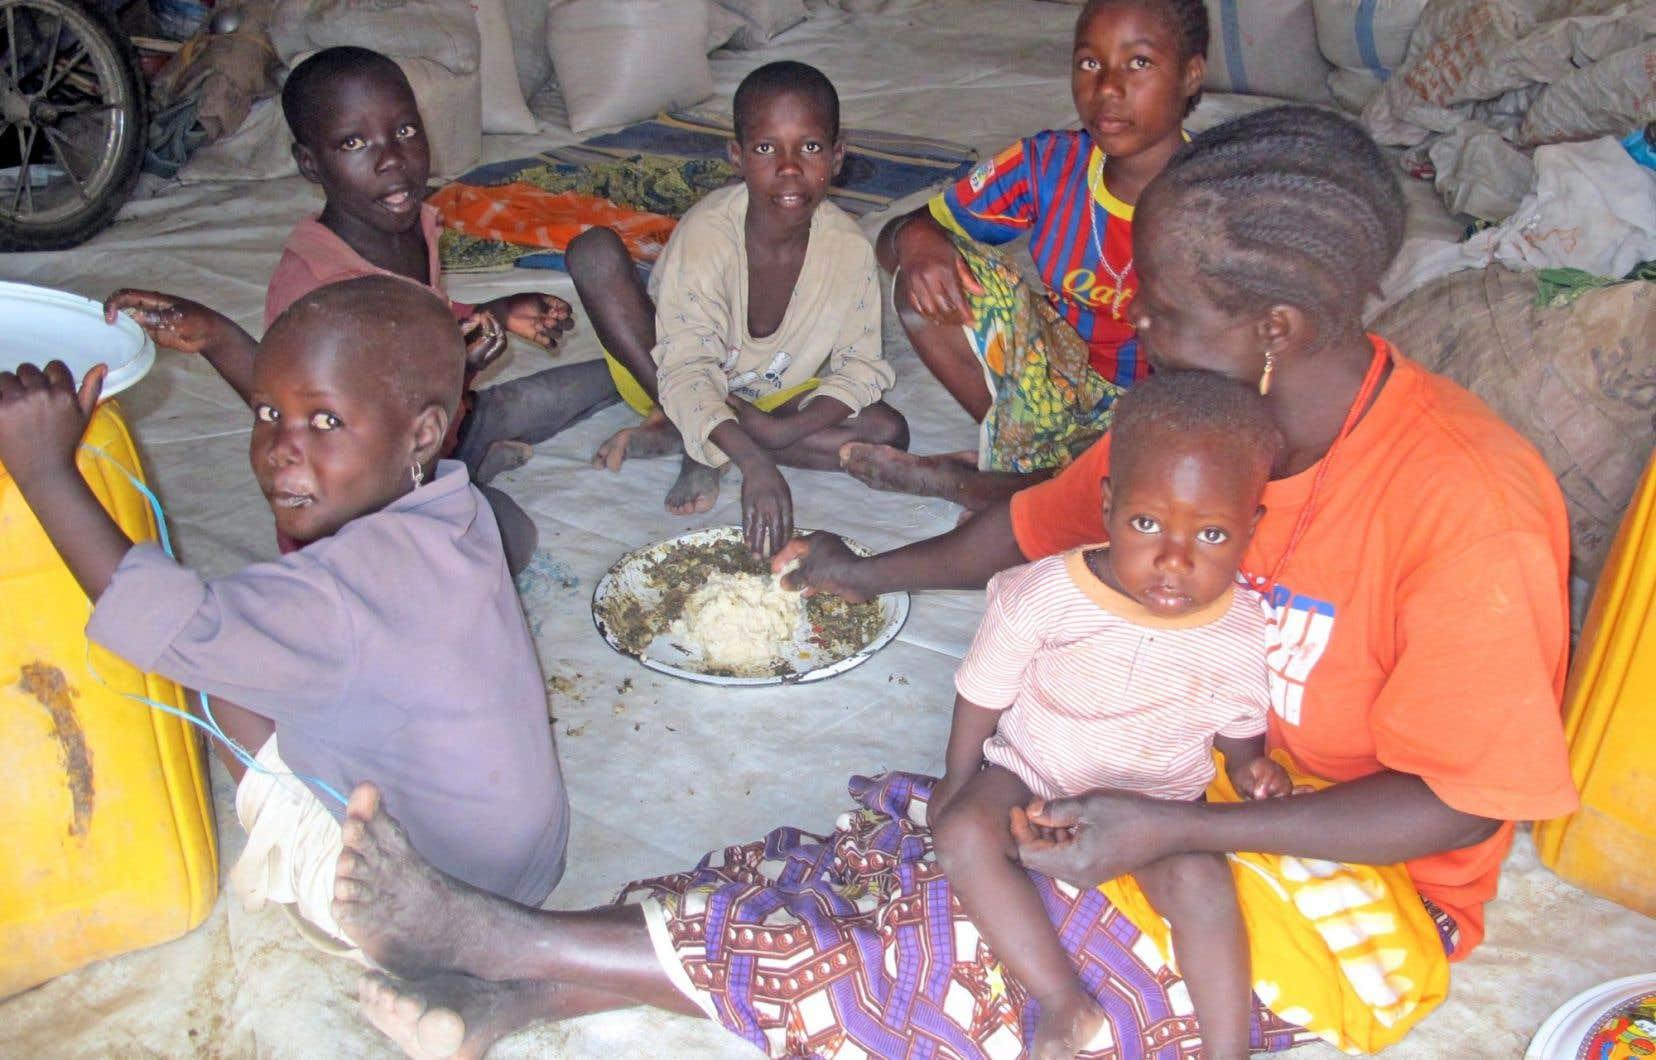 Des réfugiés au camp de Minawao, situé dans le nord du Cameroun